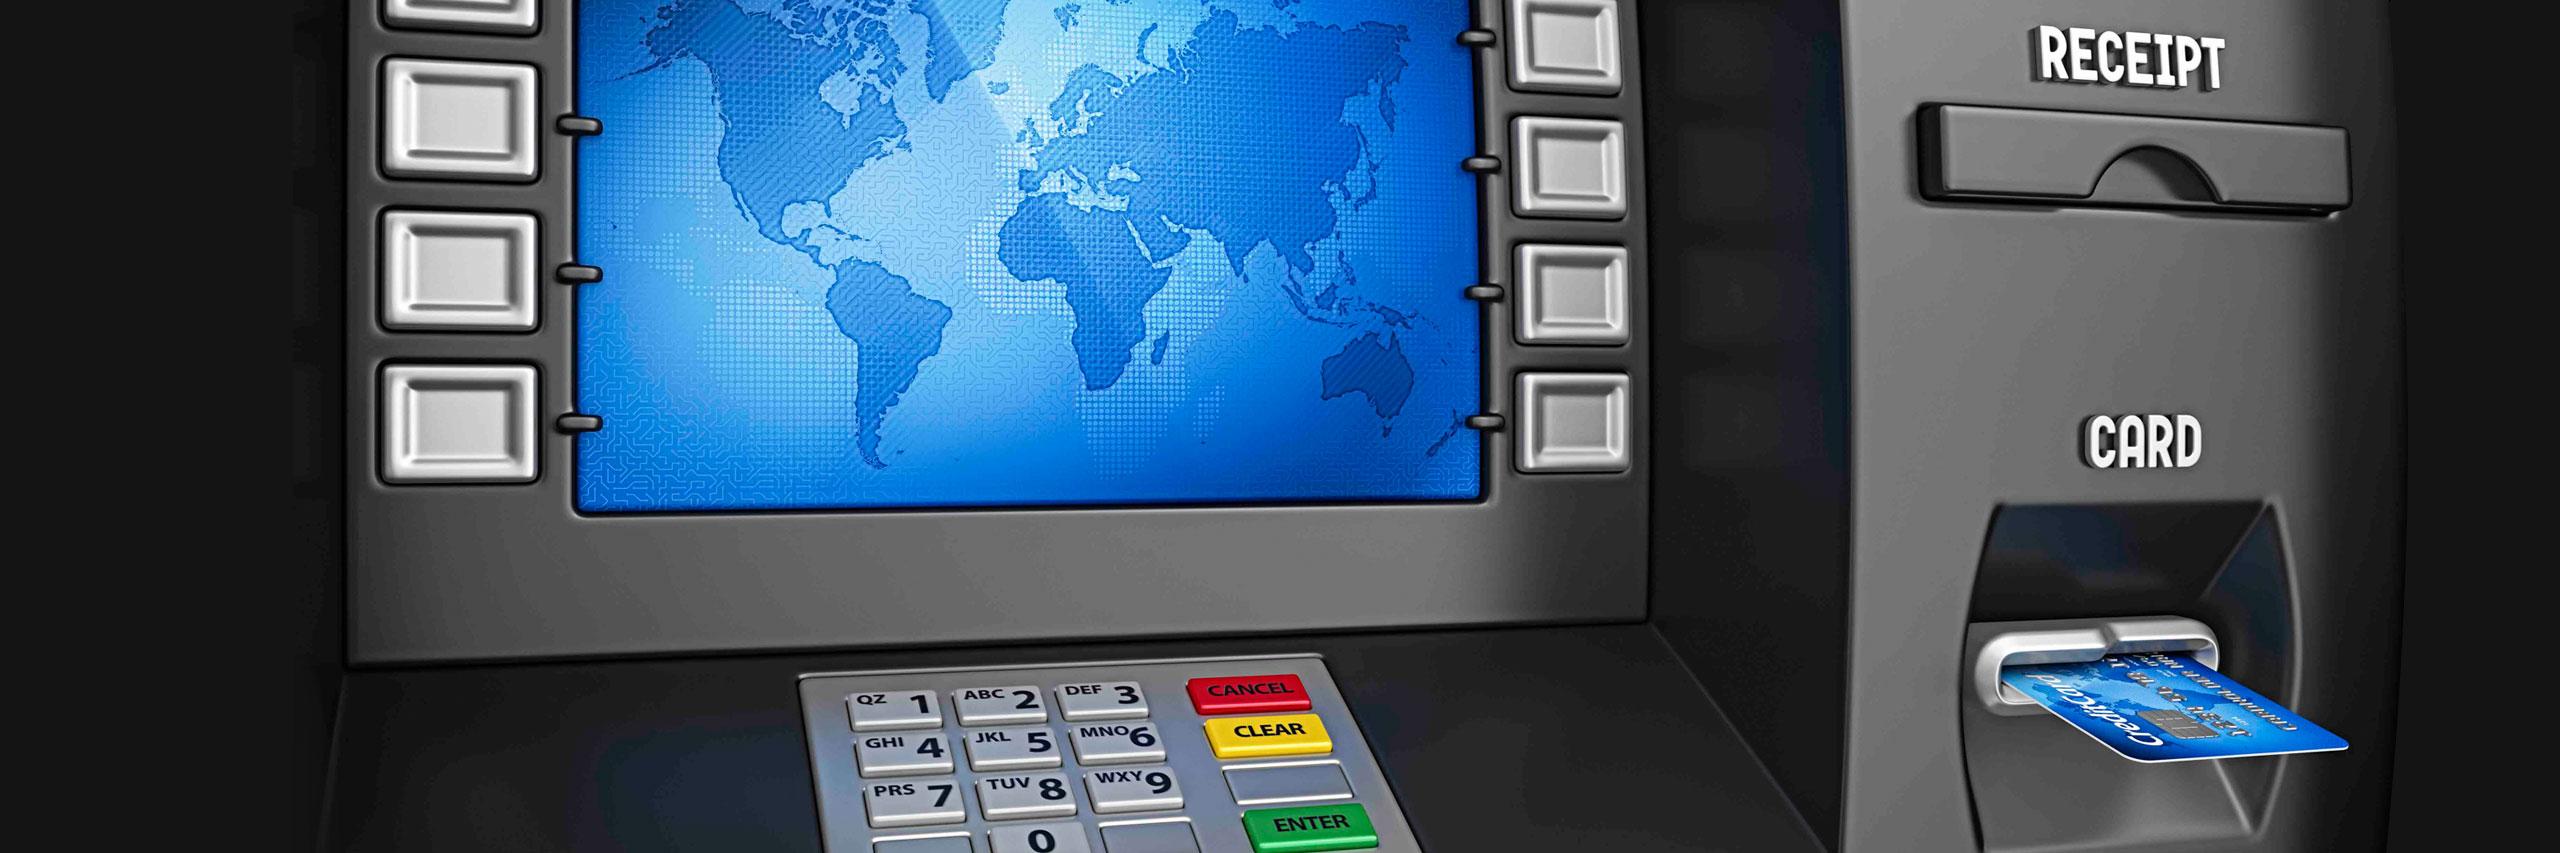 FINANCIAL / ATM REPAIR CAPABILITIES